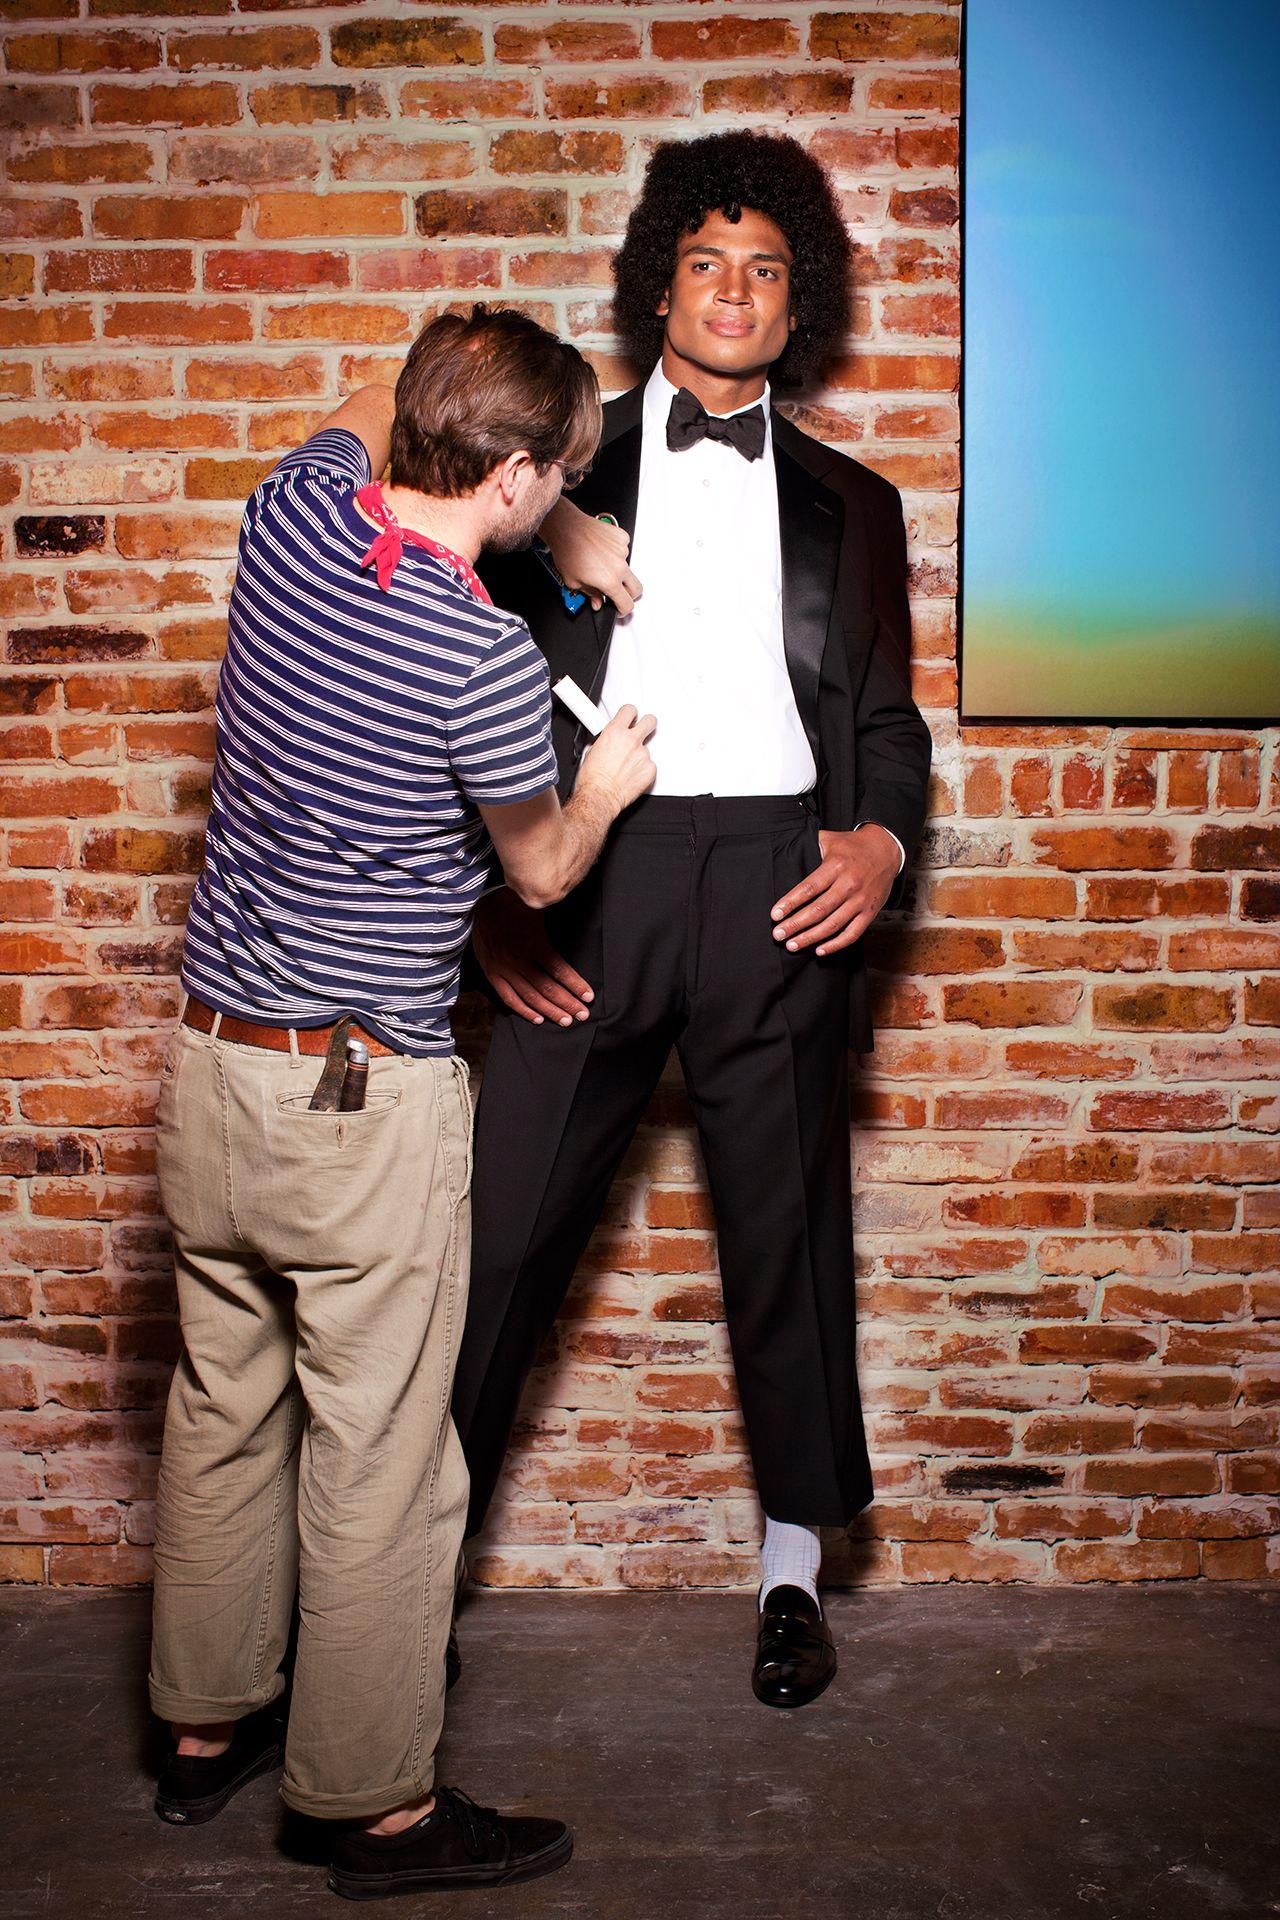 George Freeman, quarterback de los Bucs posa a lo Michael para Revista. I?img=%2Fphoto%2F2013%2F0204%2Fjackson%2F13-1280X1920